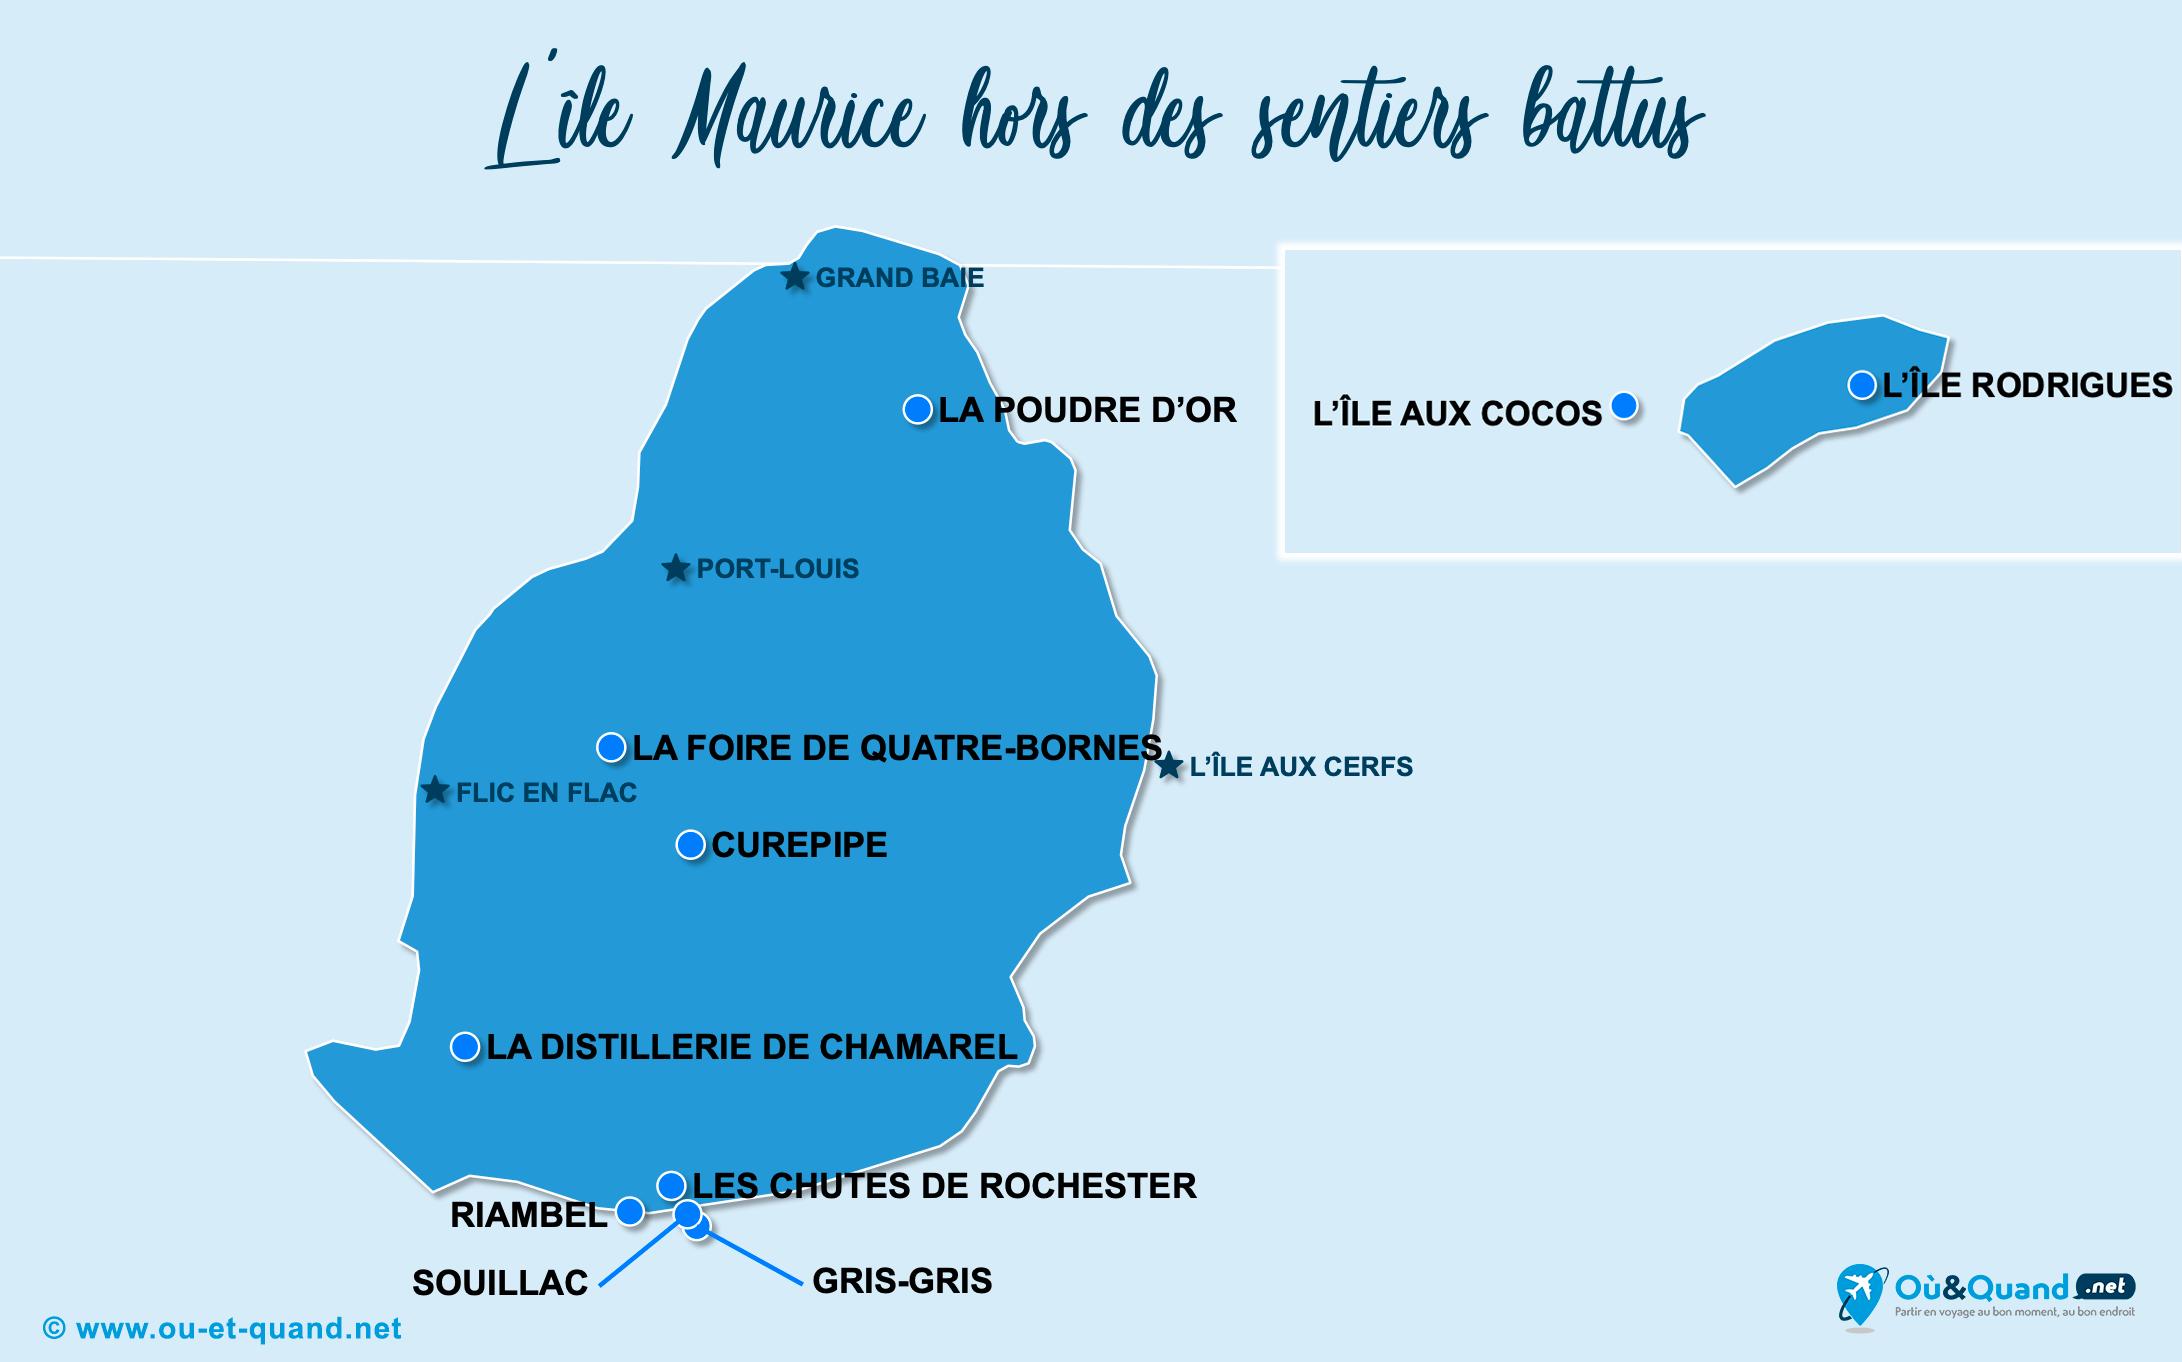 Carte île Maurice : L'île Maurice hors des sentiers battus